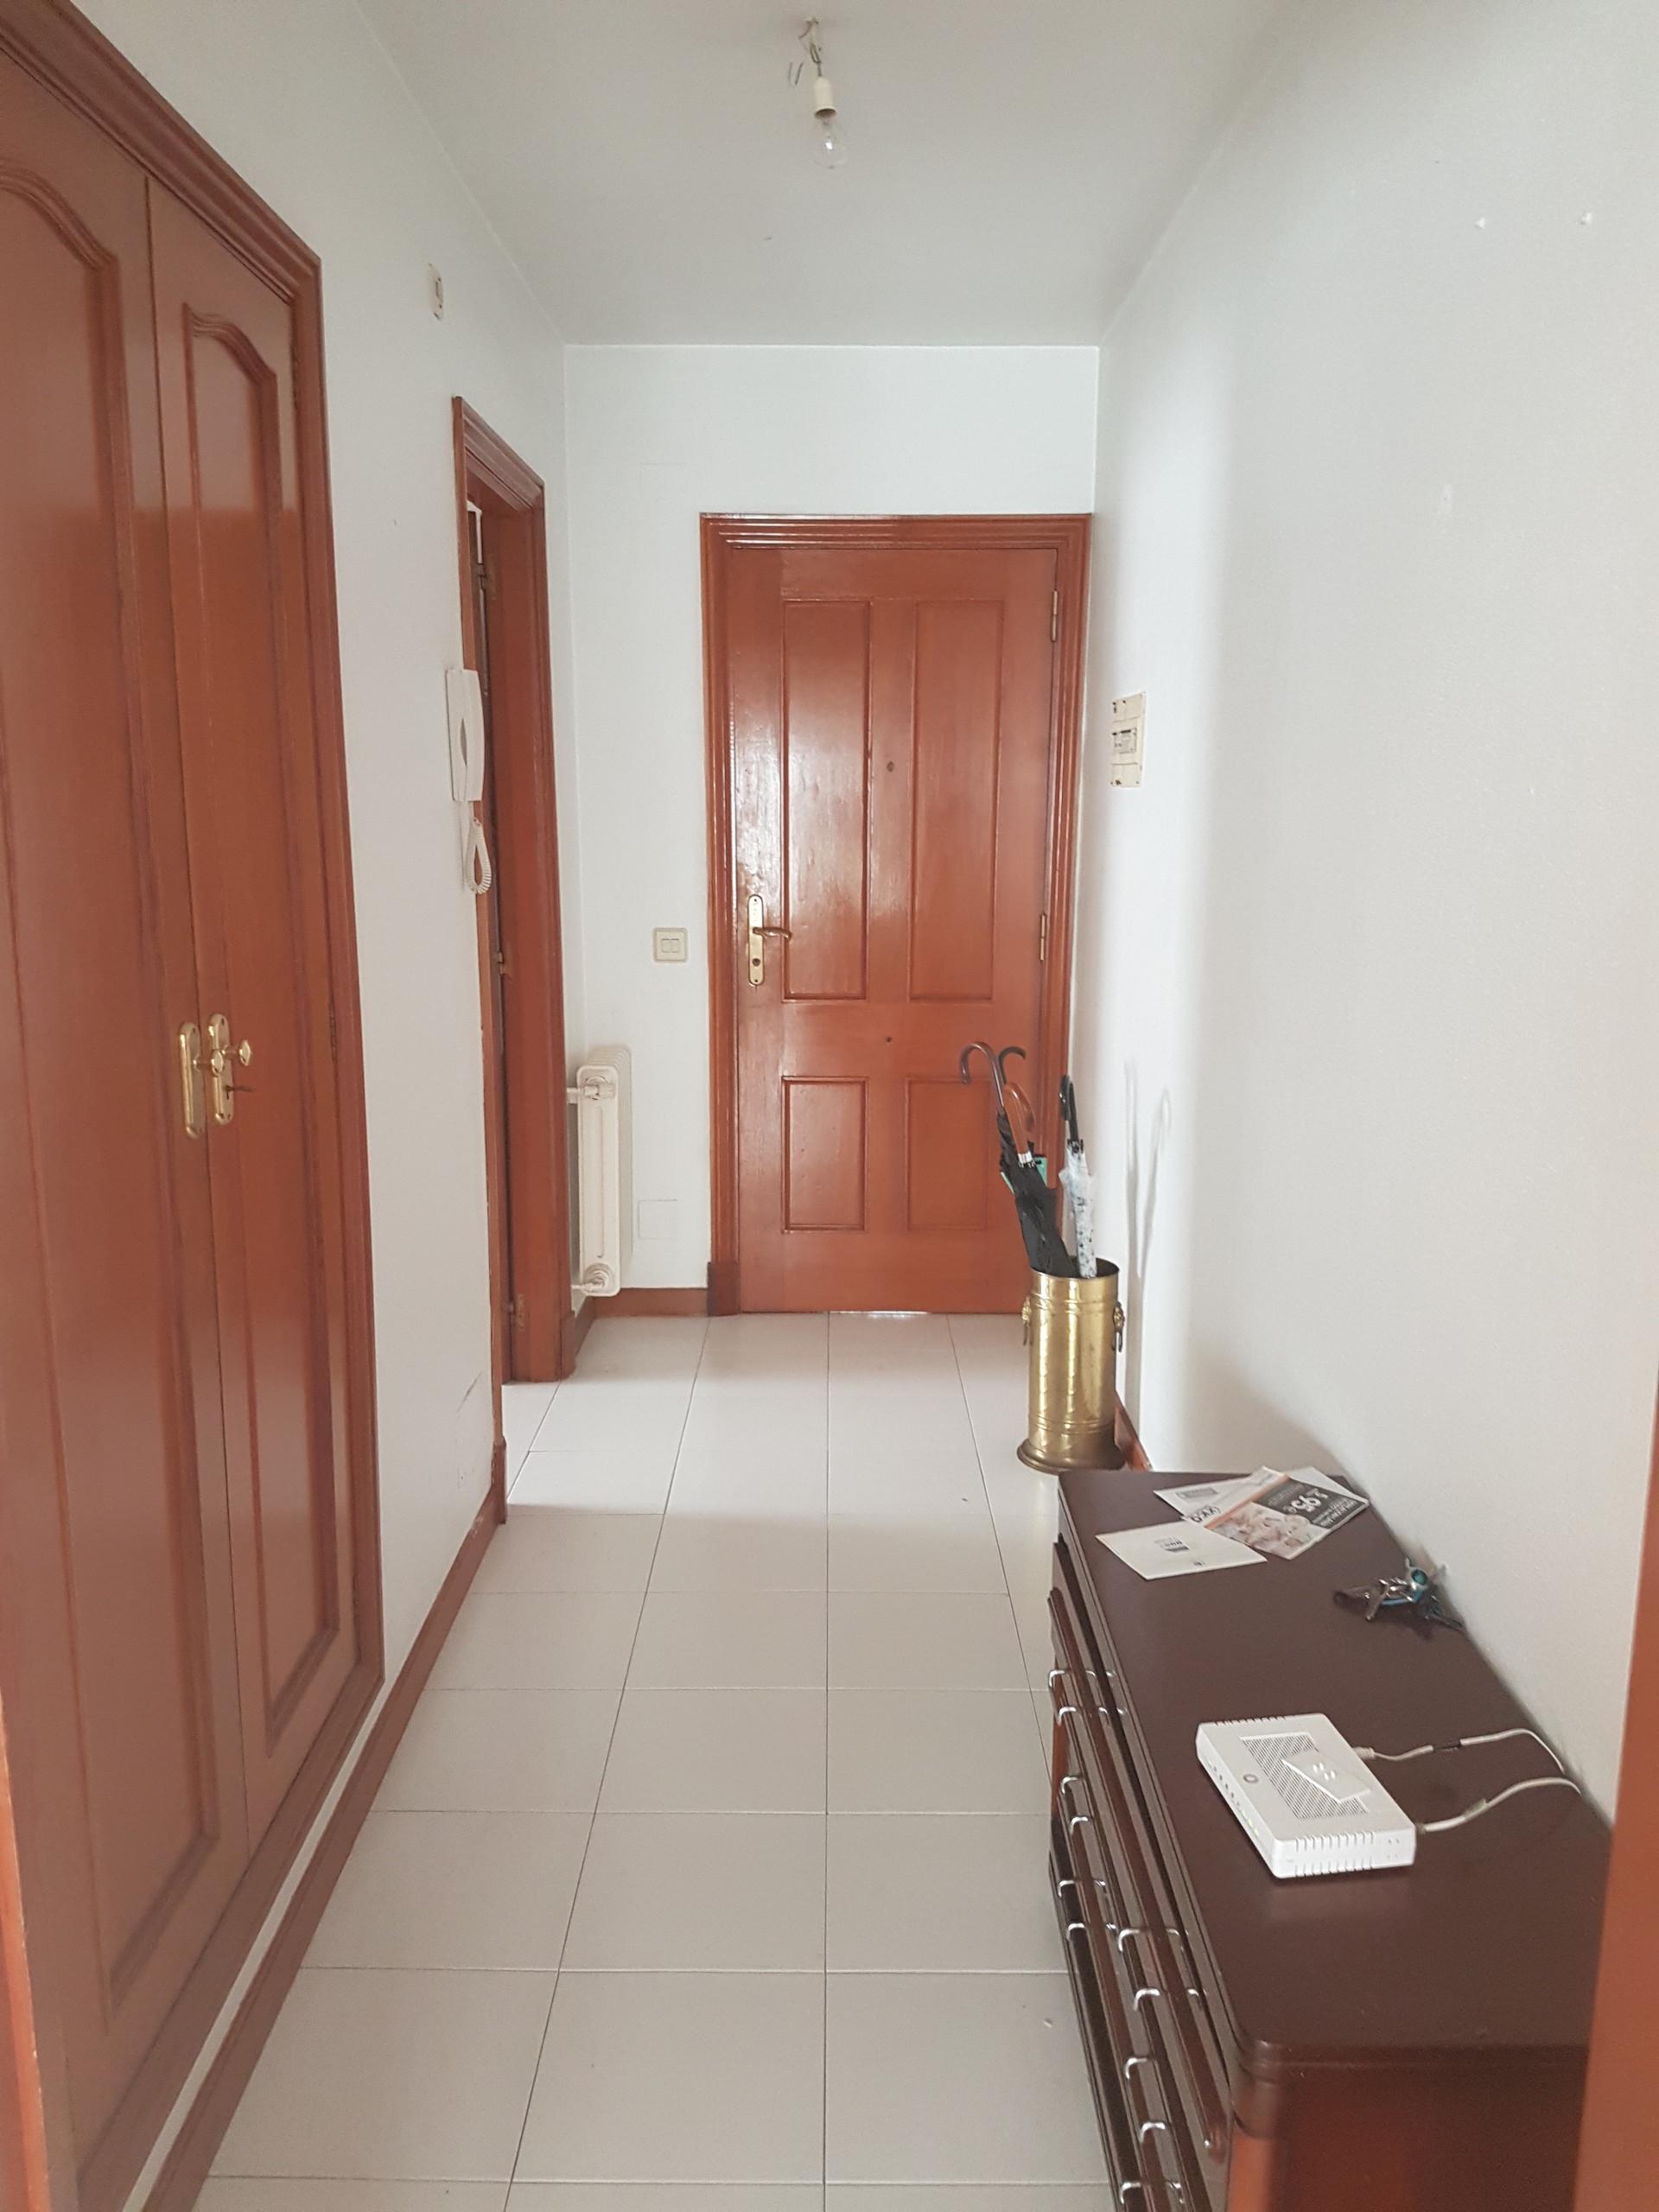 Busco compa era o de piso en santiago de compostela curso - Busco habitacion para alquilar en madrid ...